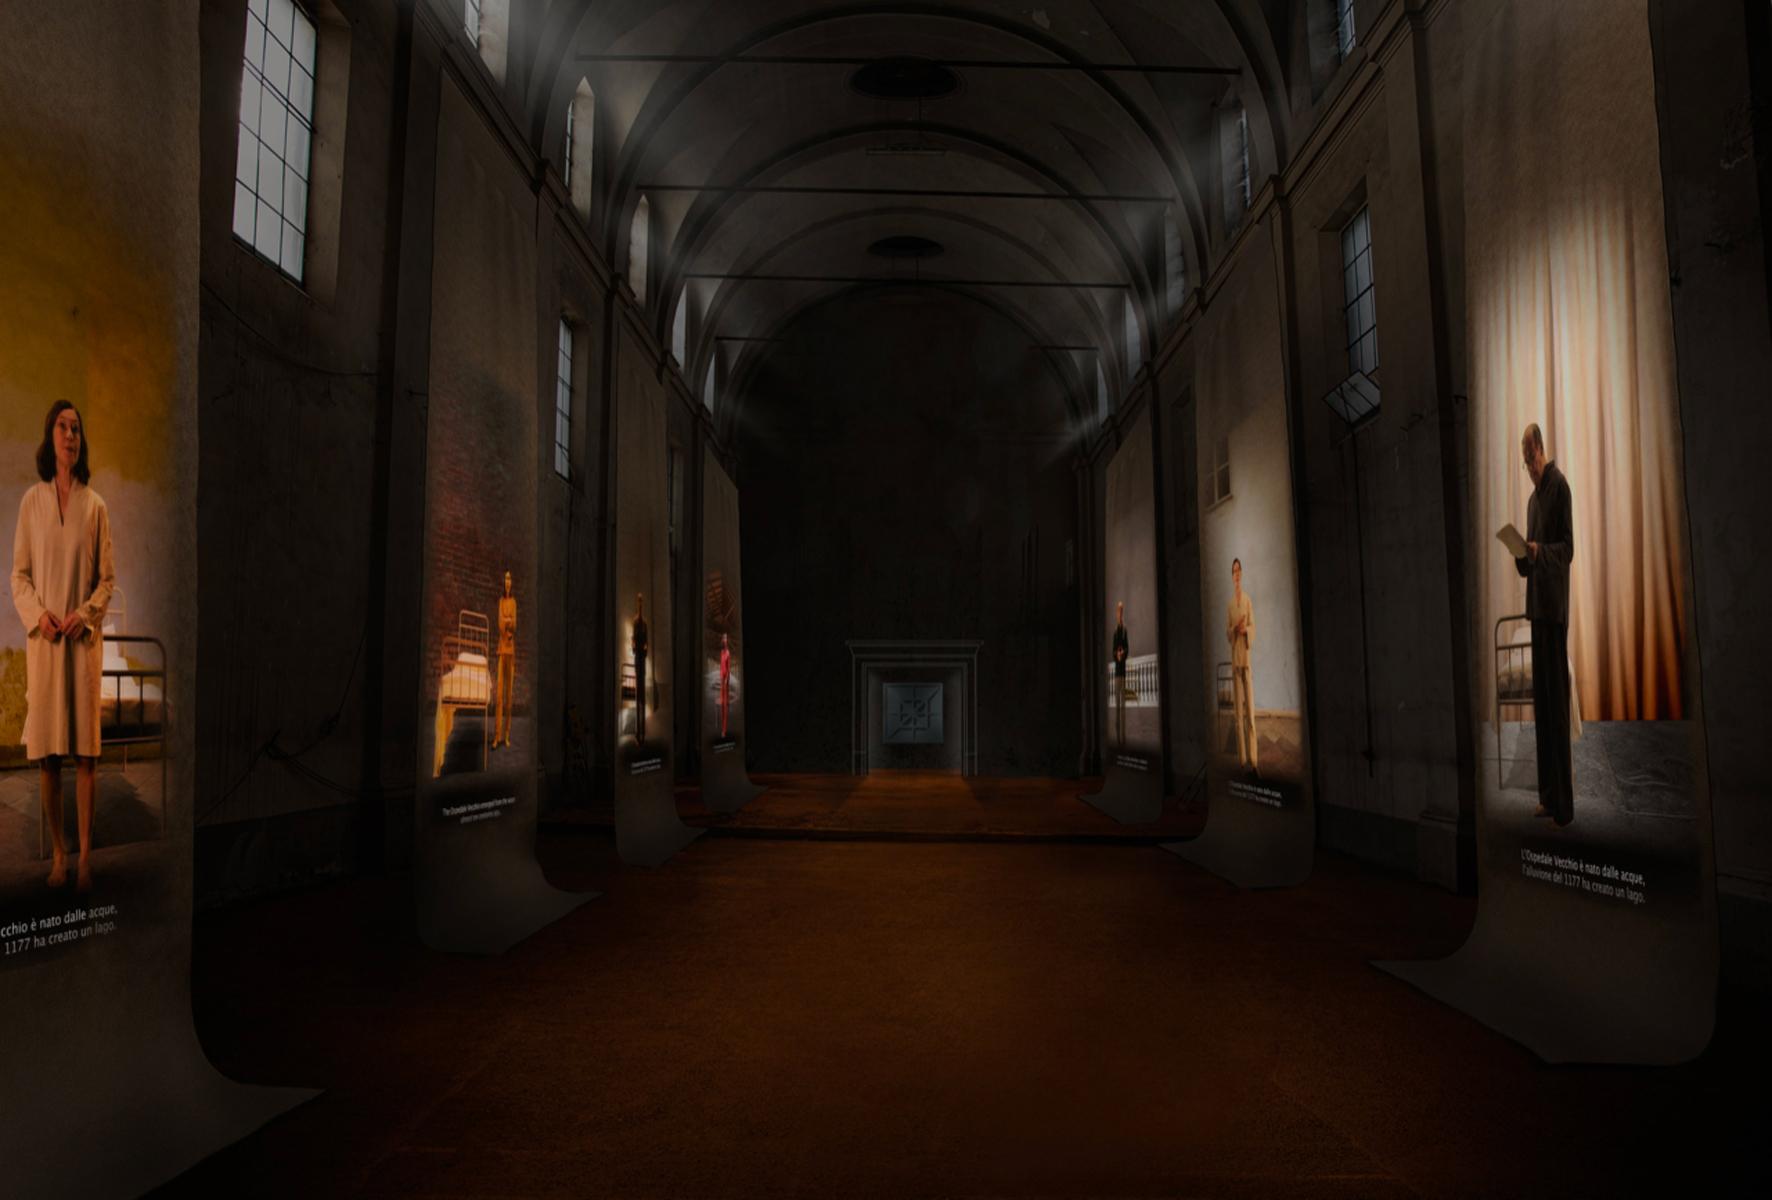 L'antico Ospedale di Parma diventa un'enorme installazione di Studio Azzurro